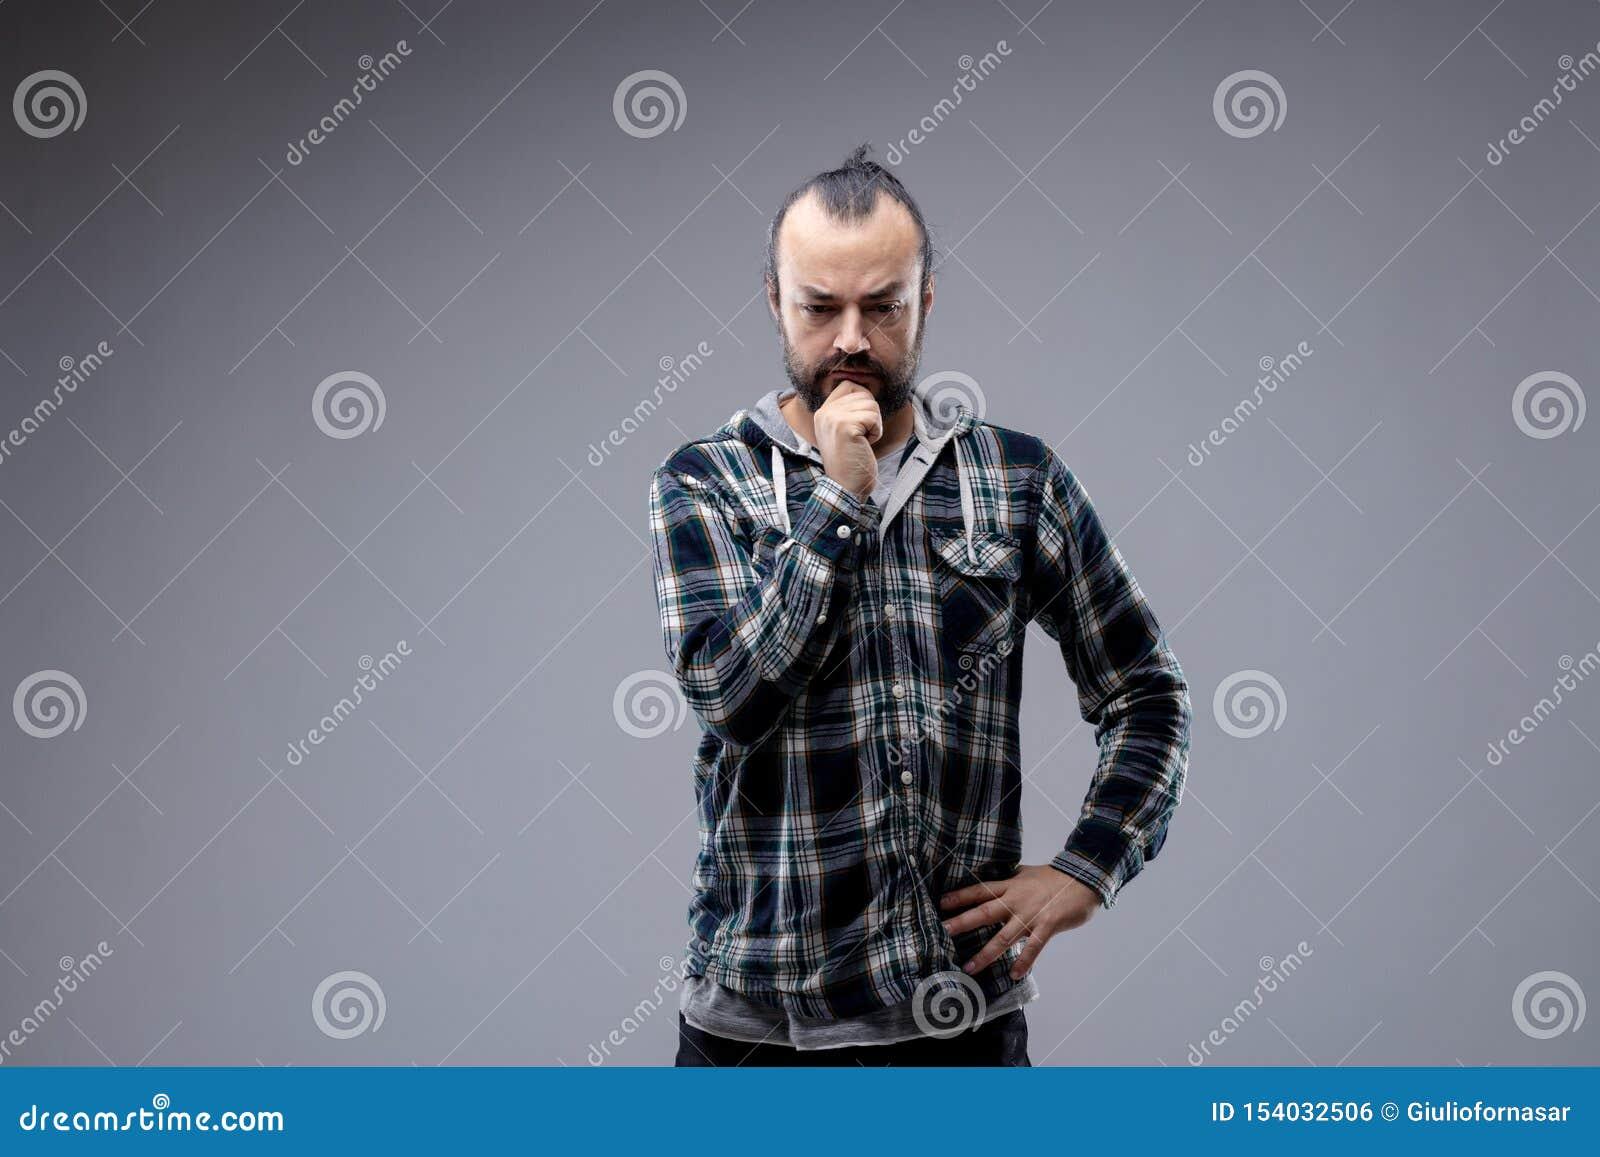 Hombre pensativo con su mano a su barbilla